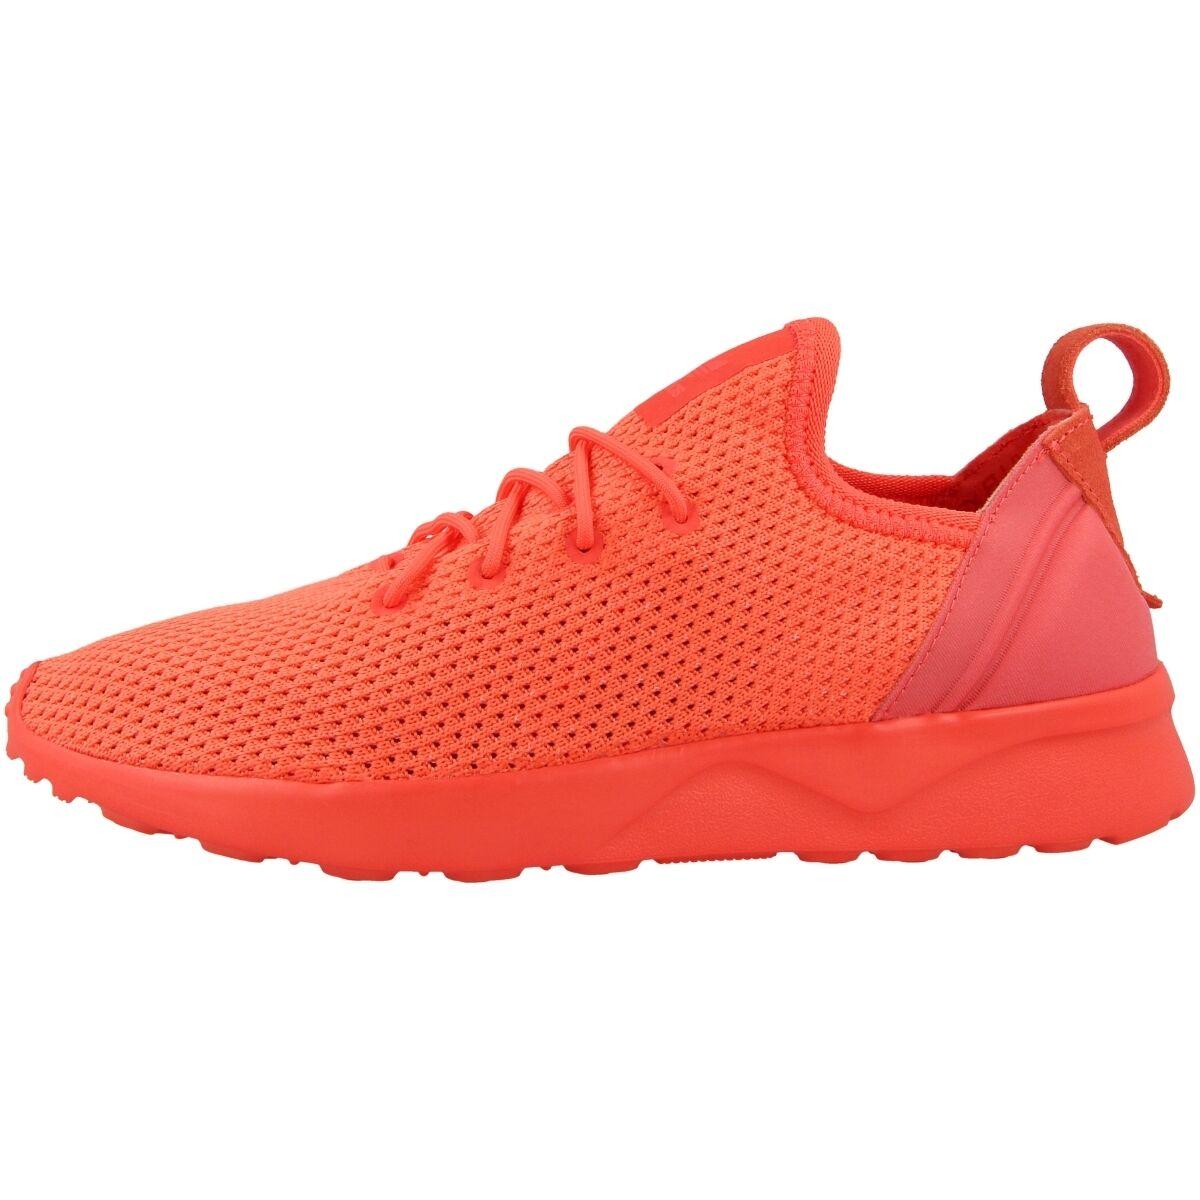 Adidas ZX Flux ADV Virtue Sock damen Schuhe Damen Turnschuhe coral BB2318 ZX750 850